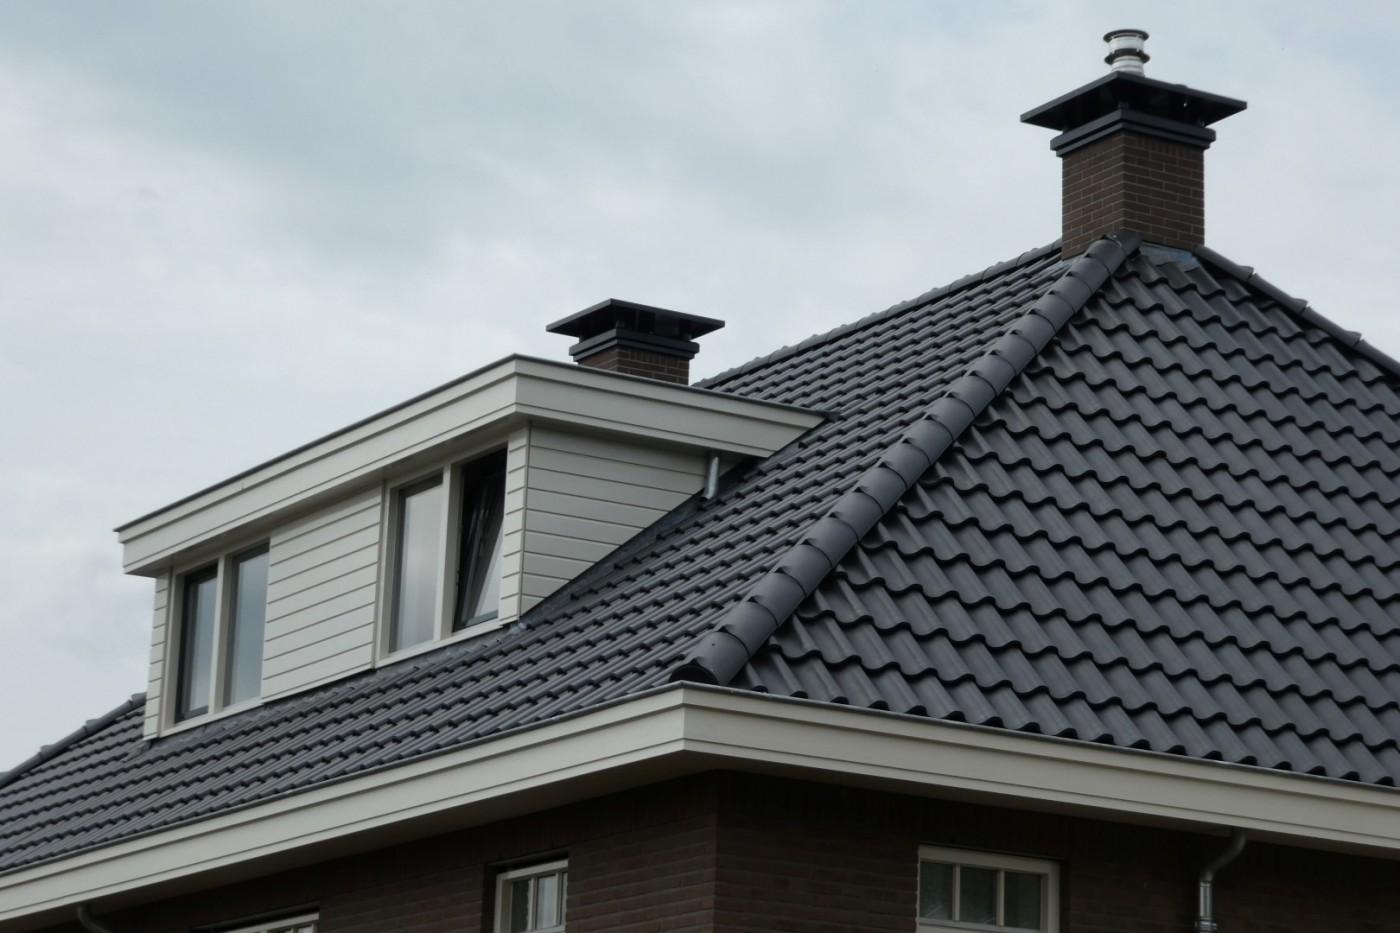 De geprefabriceerde dakkapel en schoorstenen verkorten de bouwtijd en zorgen voor meer controle over de eindkwaliteit.